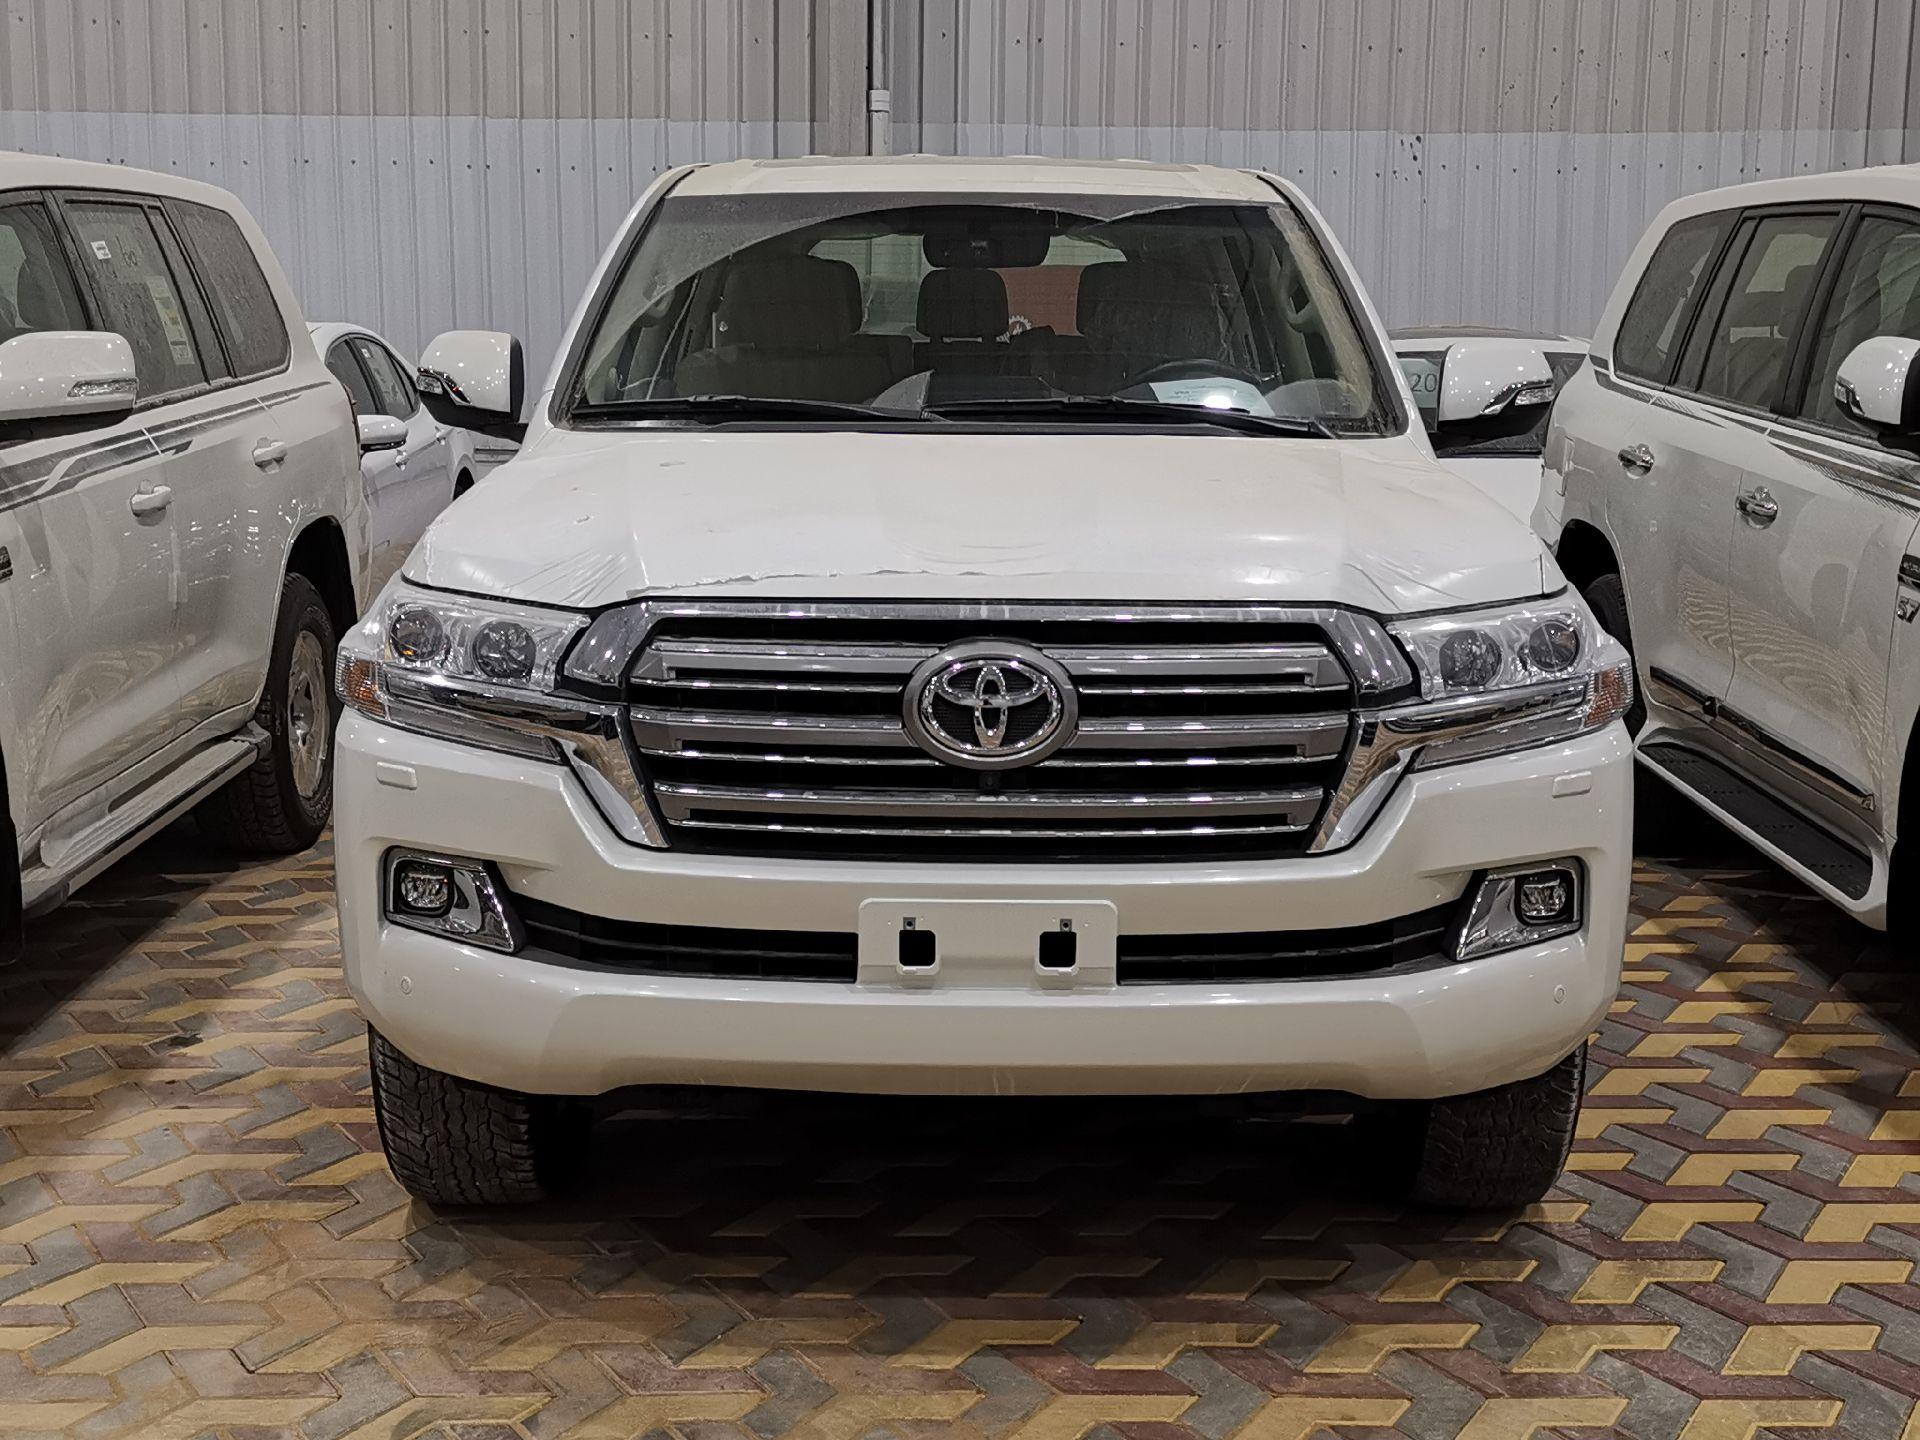 تويوتا لاندكروزر VXR خليجي 2021 نص فل جديد للبيع في الرياض - السعودية - صورة كبيرة - 5